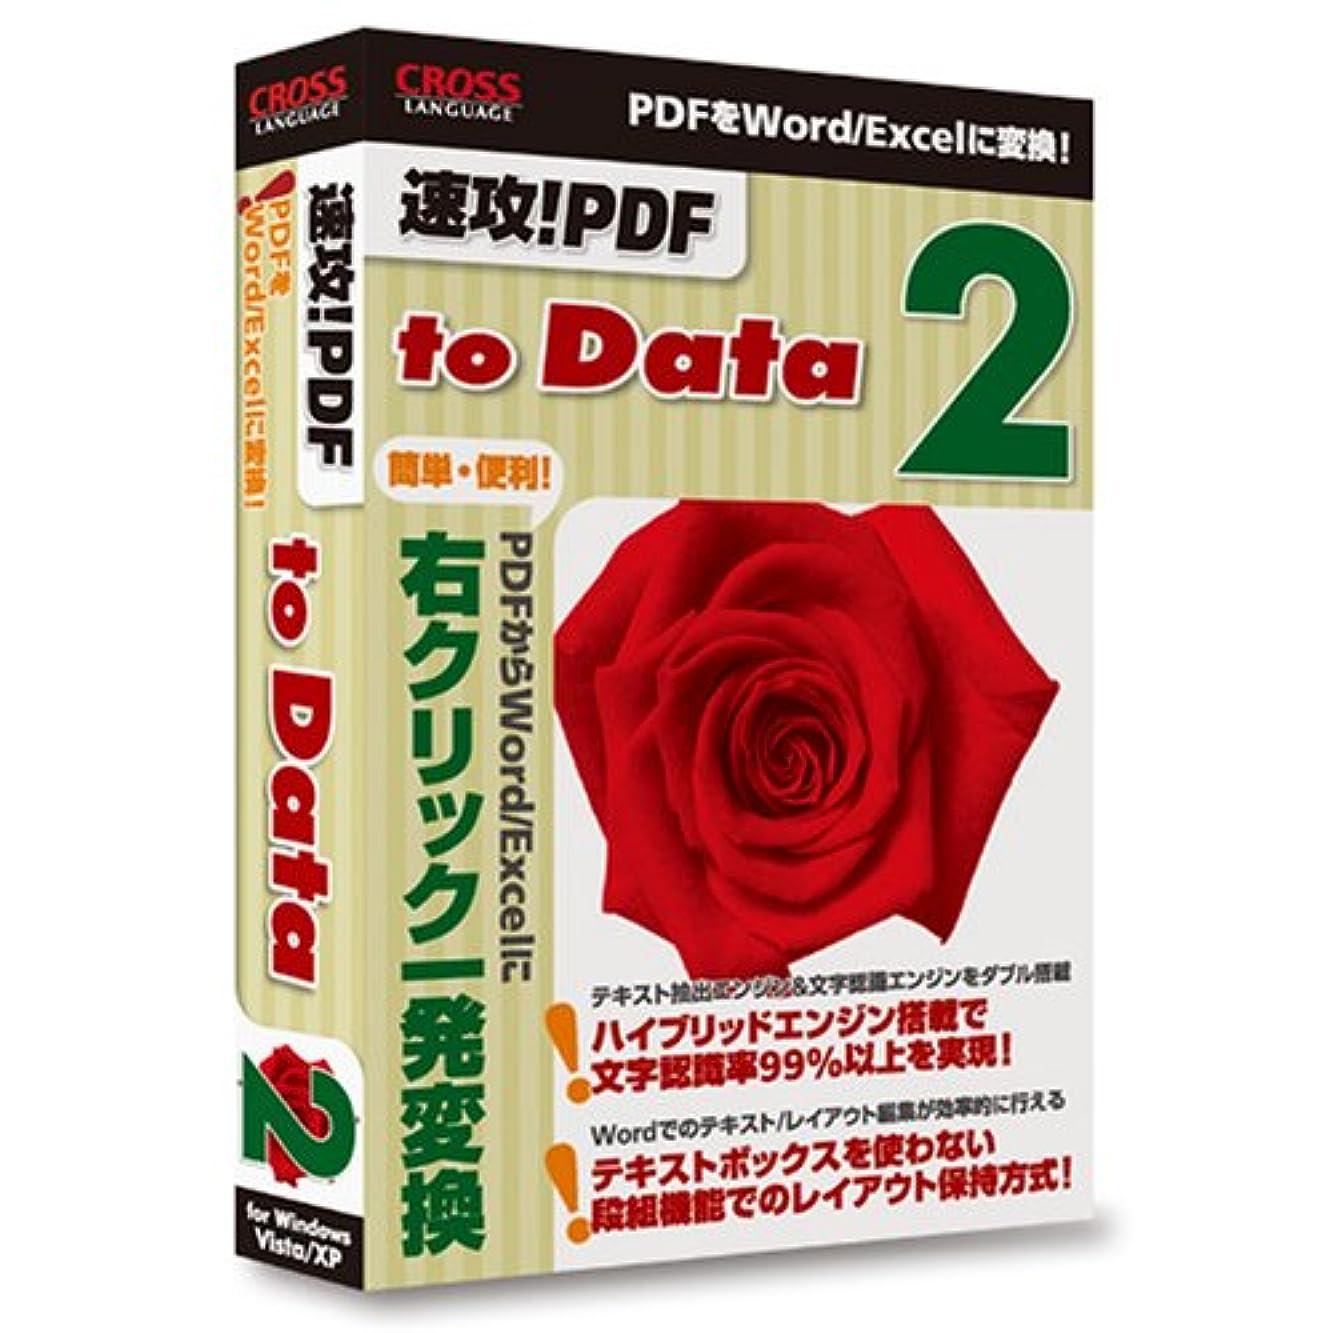 懺悔曇った状況速攻!PDF to Data 2